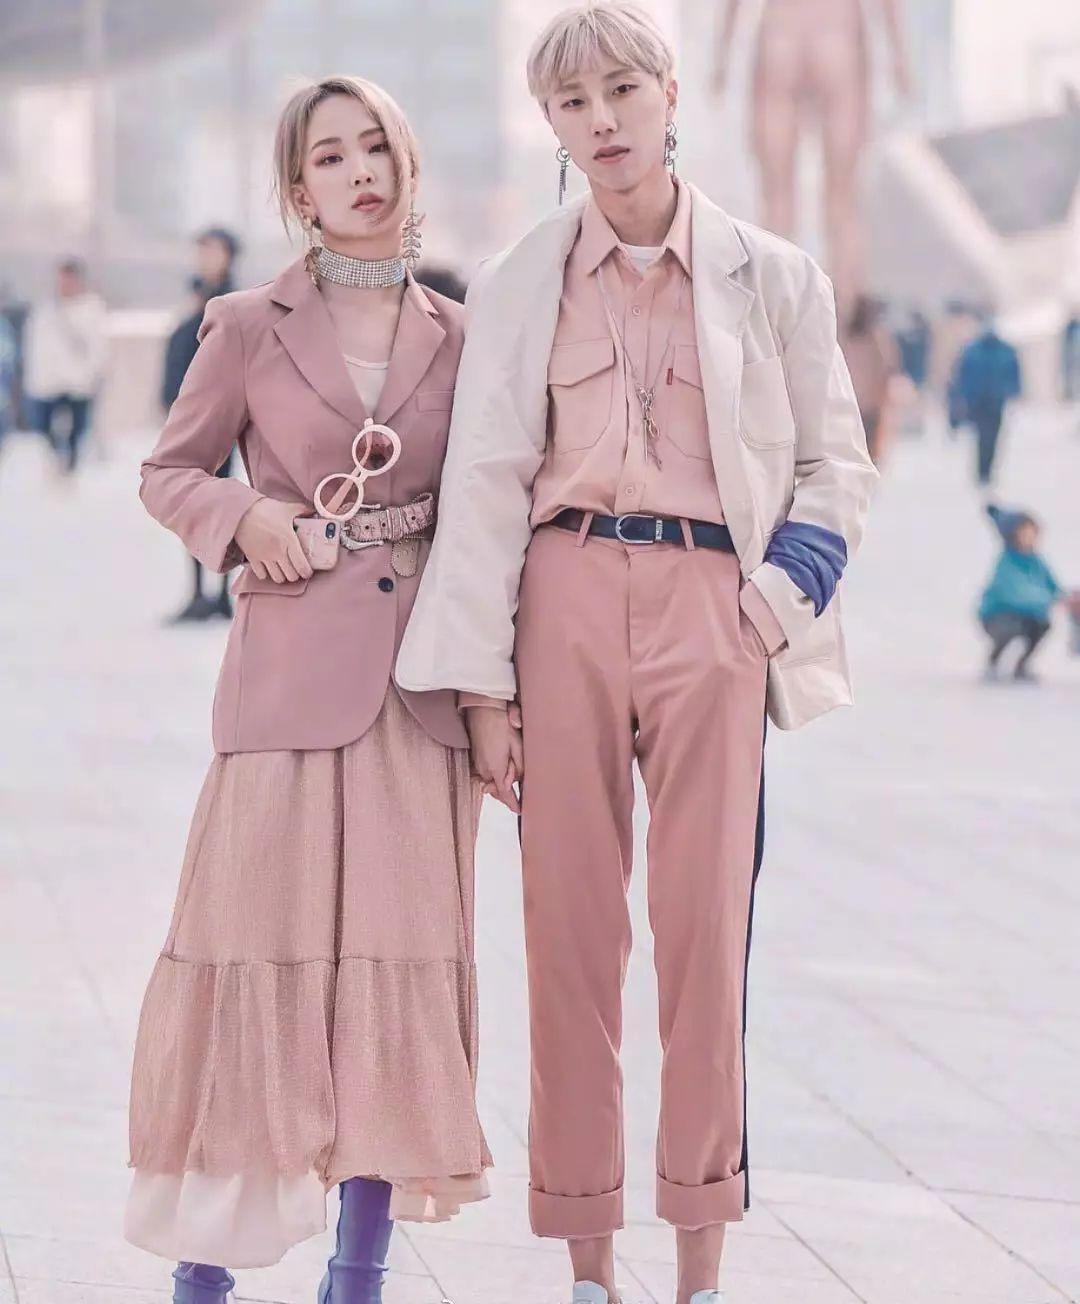 服装搭配 男生女生搭配合集 情侣装千万别穿一样的,像校服,真的丑哭了